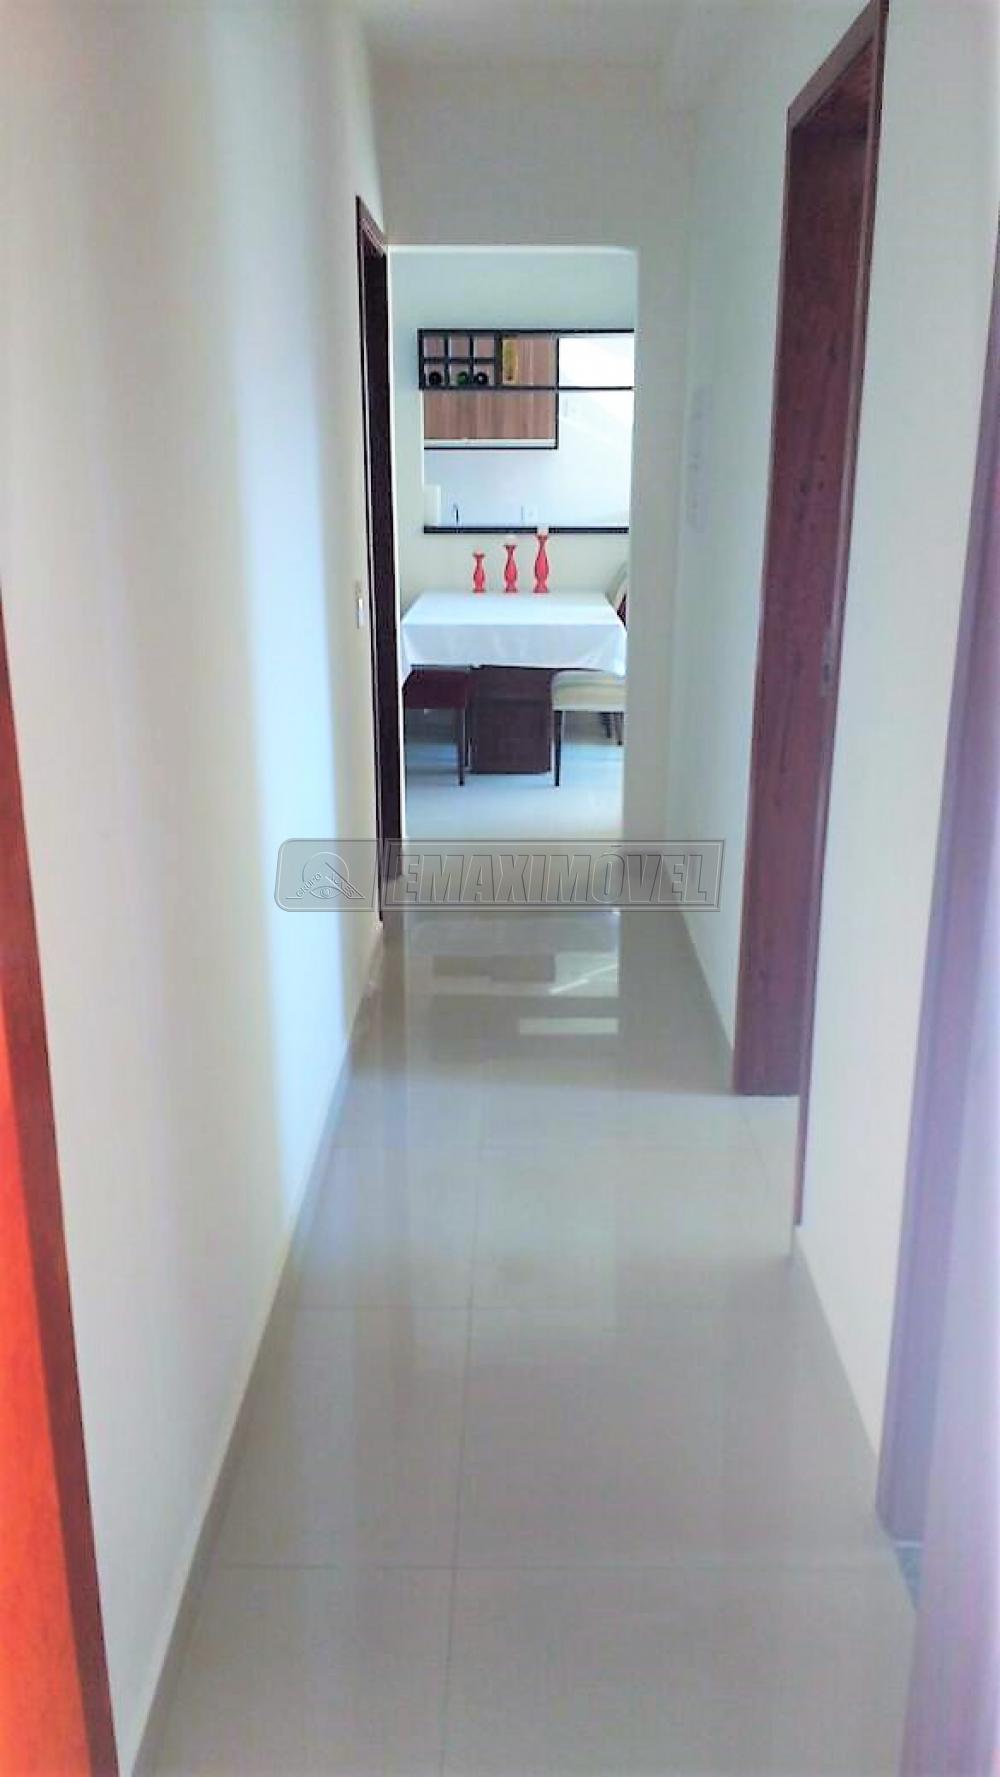 Comprar Apartamentos / Apto Padrão em Sorocaba apenas R$ 370.000,00 - Foto 7